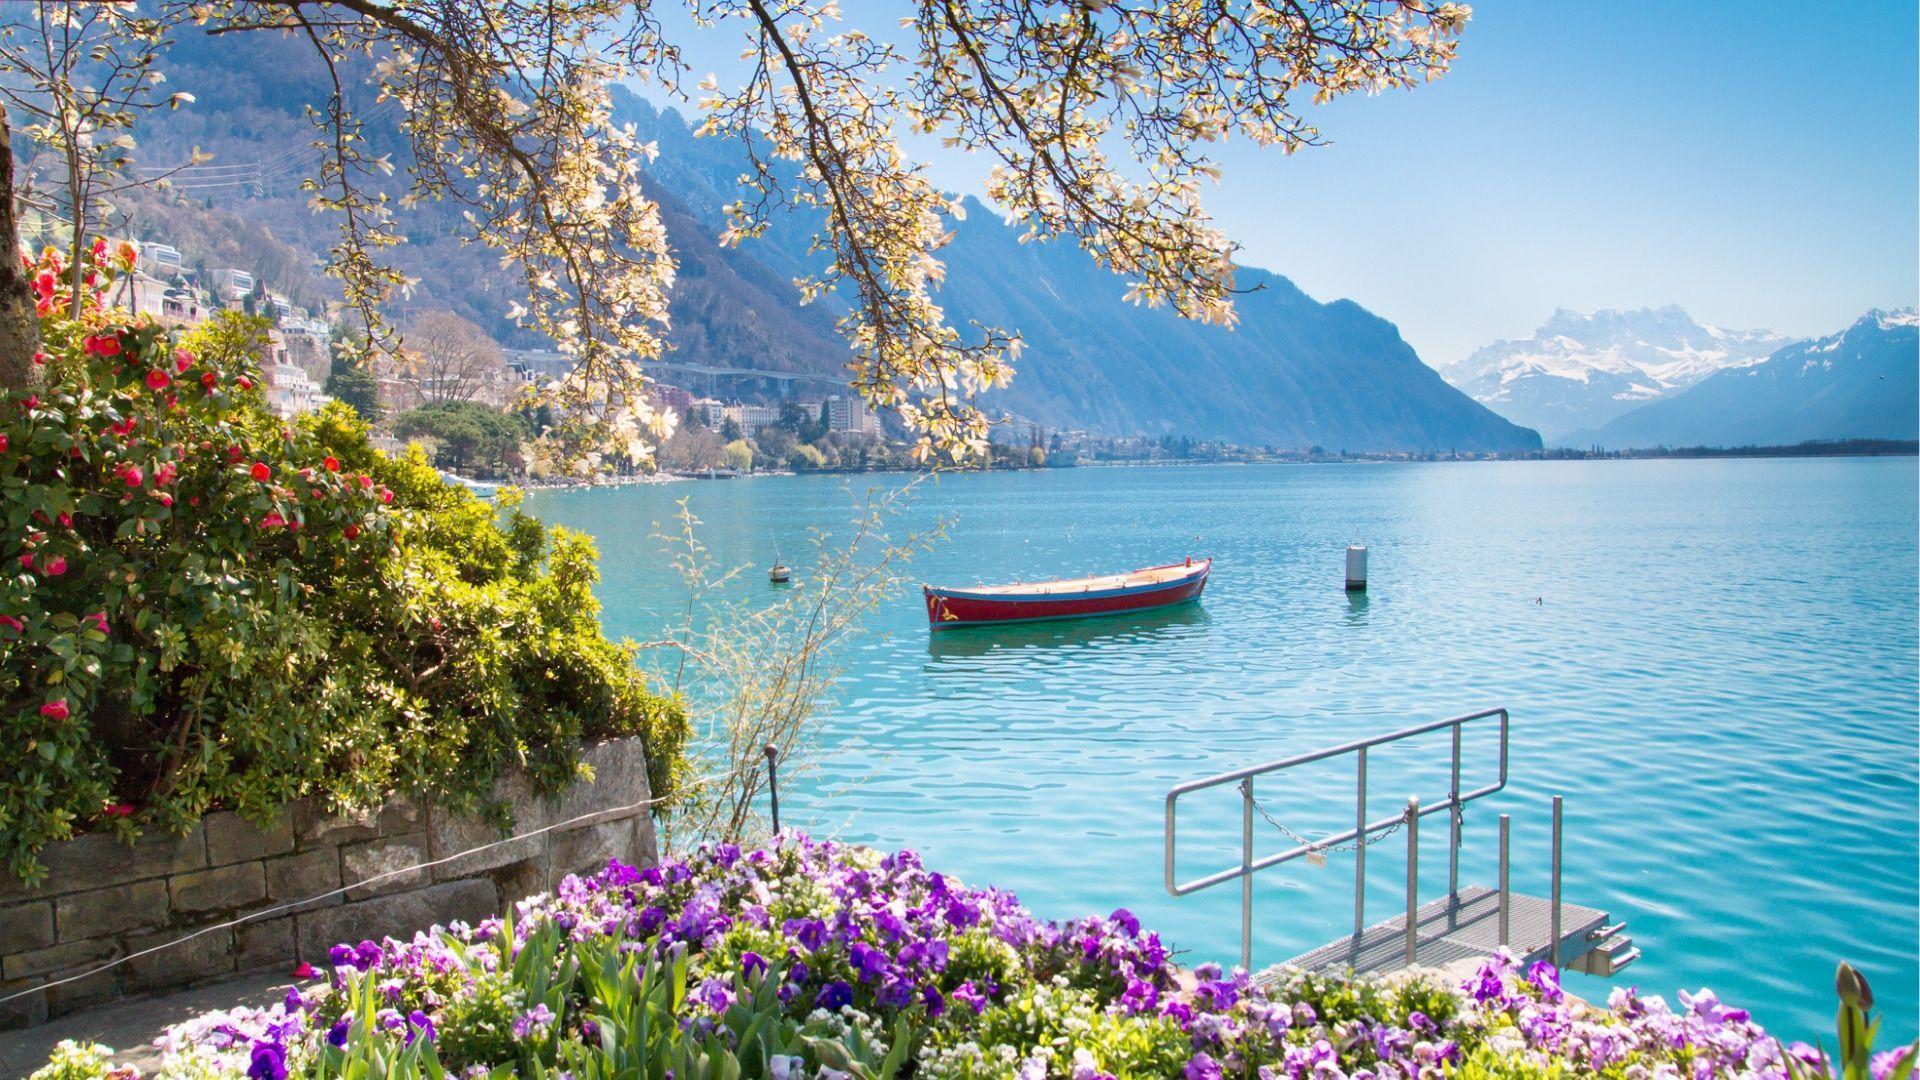 Romantika alsuojantis Ženevos ežeras, Montrė, Šveicarija